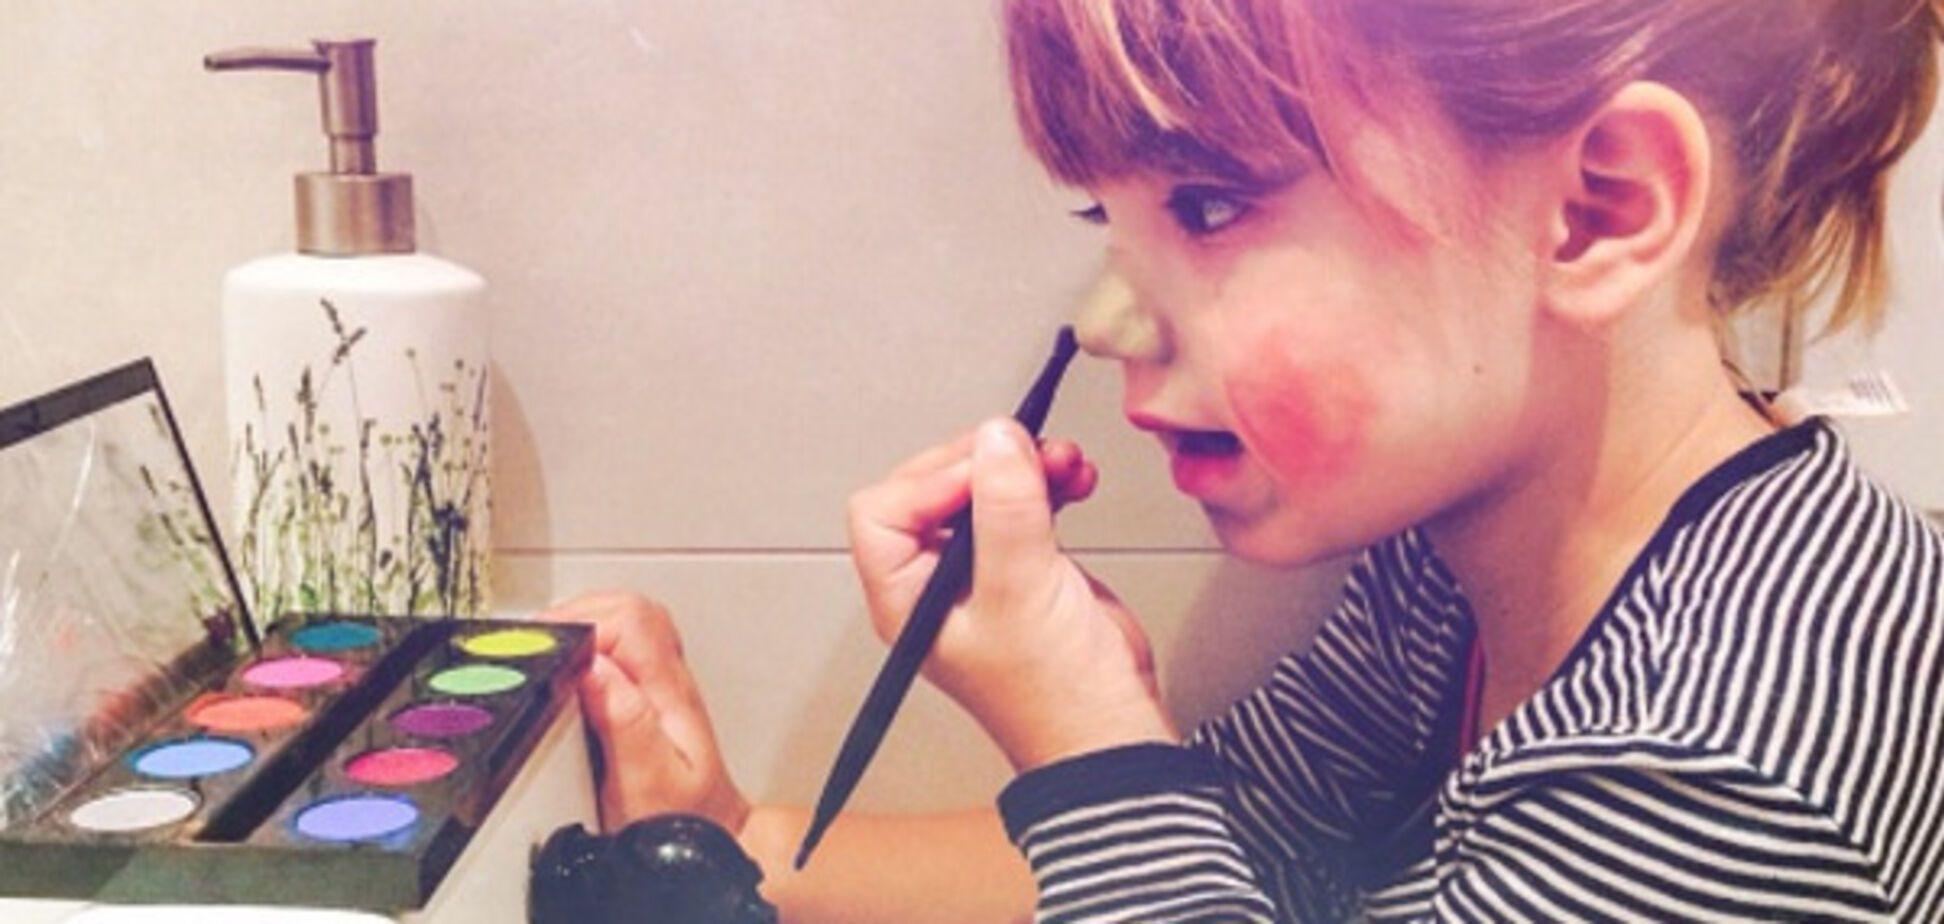 Как малыша превратили в девочку: опубликовано забавное видео